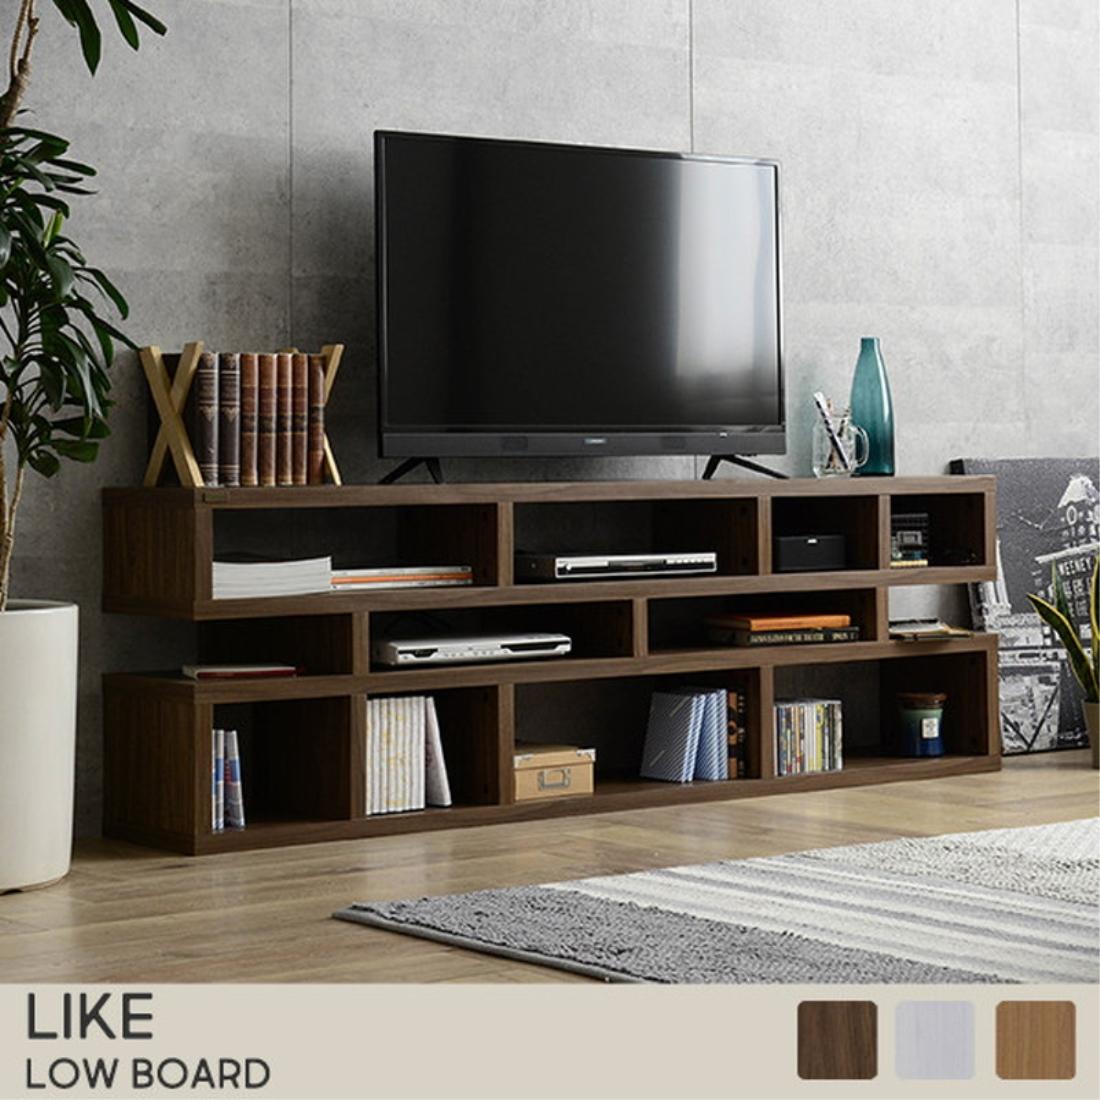 【送料無料】家具 テレビ台 テレビ ボード TVボード Like(ライク) ローボード ローシェルフ(180cm幅/56cm高) オシャレ